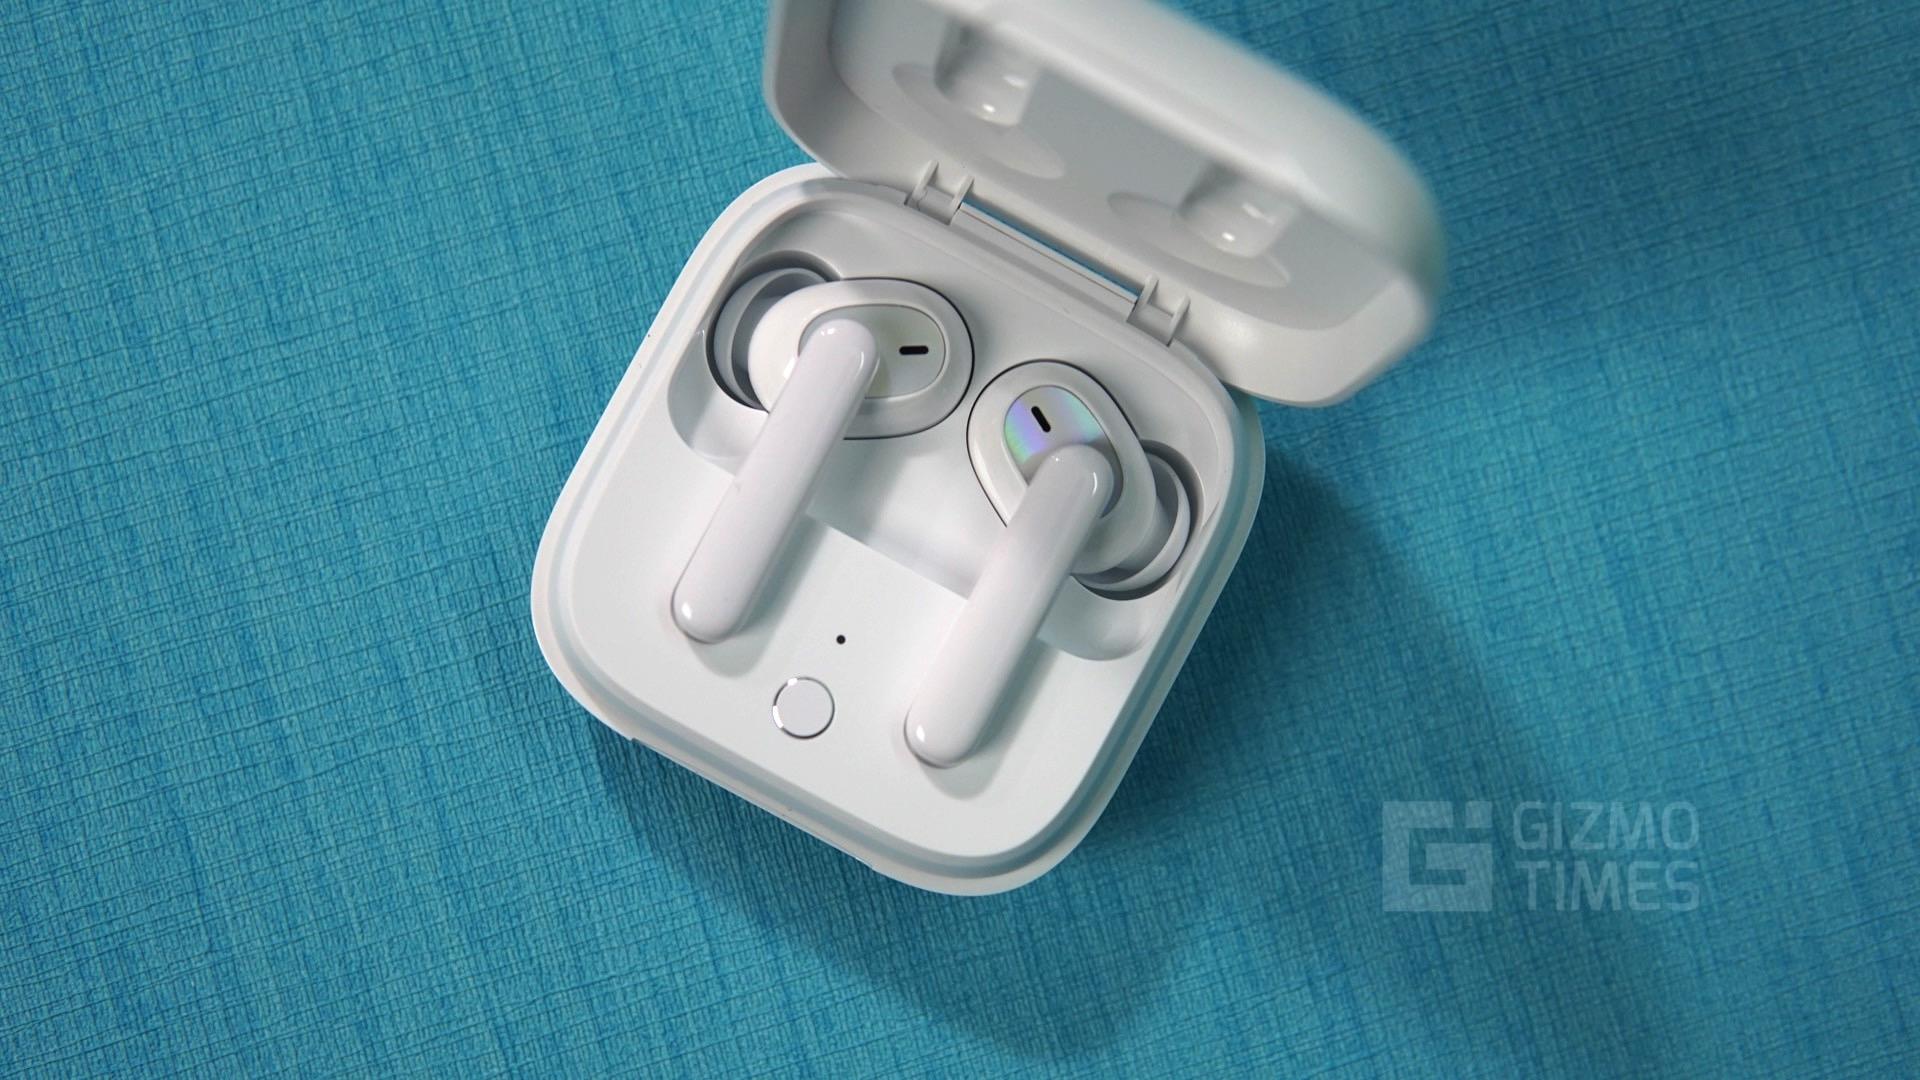 OPPO Enco W51 Earbuds